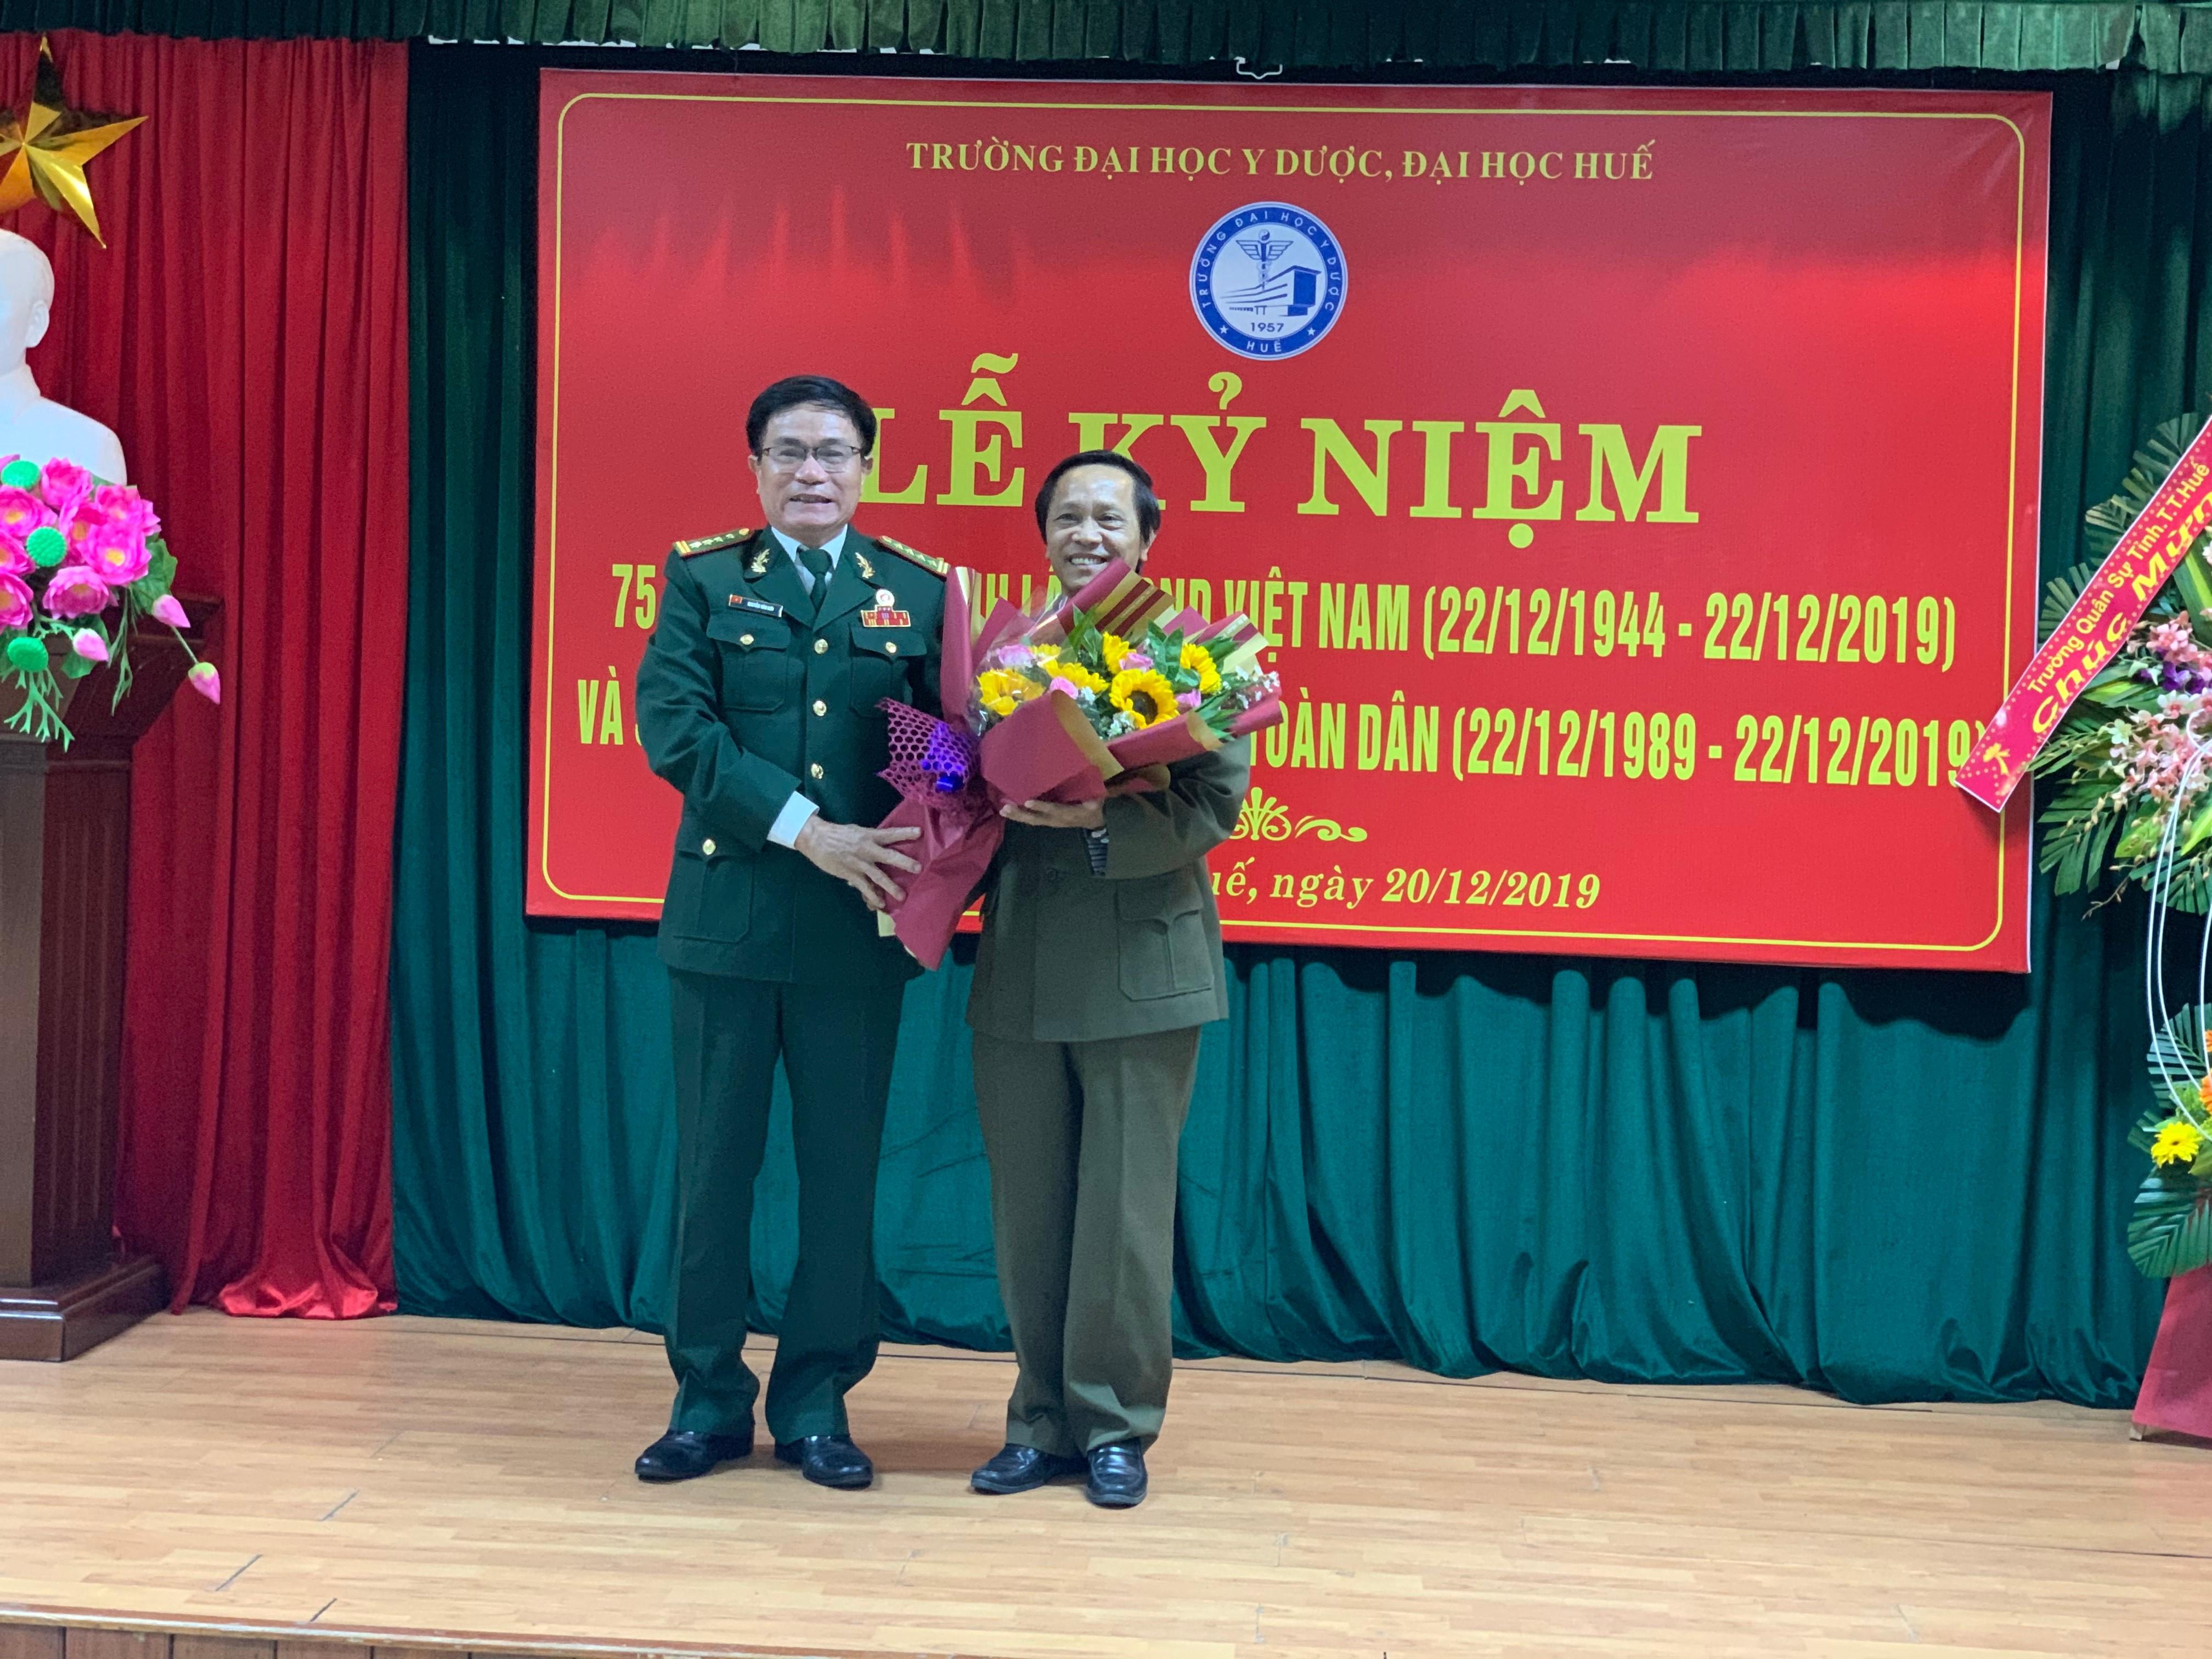 Tọa đàm Kỷ niệm 75 năm ngày thành lập Quân đội Nhân dân Việt Nam (22/12/1944 - 22/12/2019)